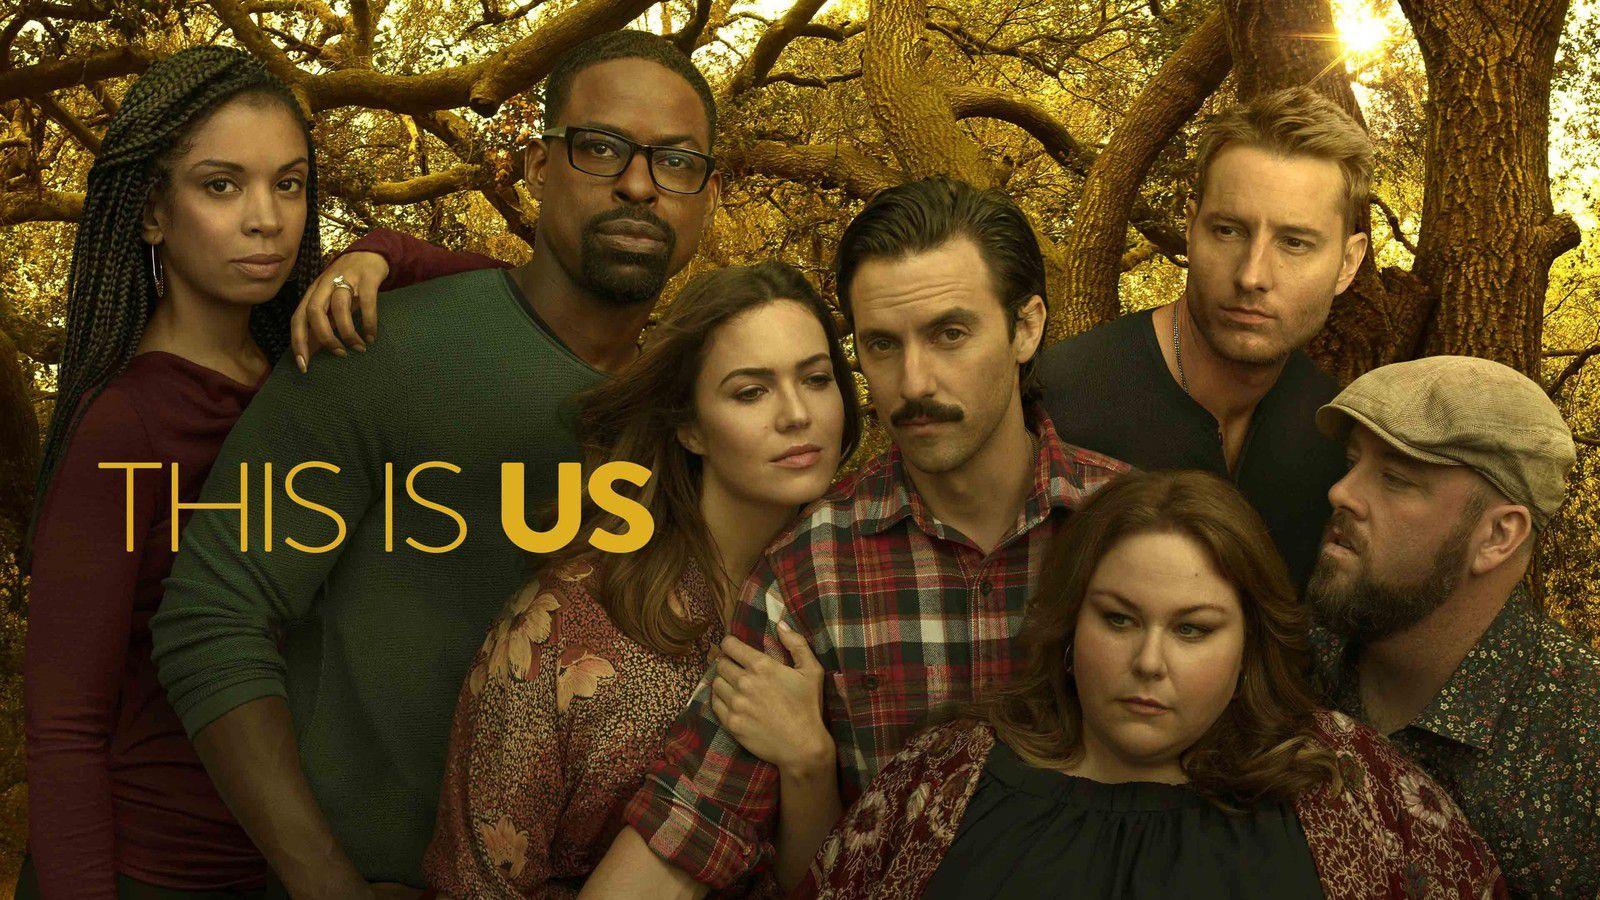 La saison 3 de This is us sera diffusée dès le 25 juin sur M6.